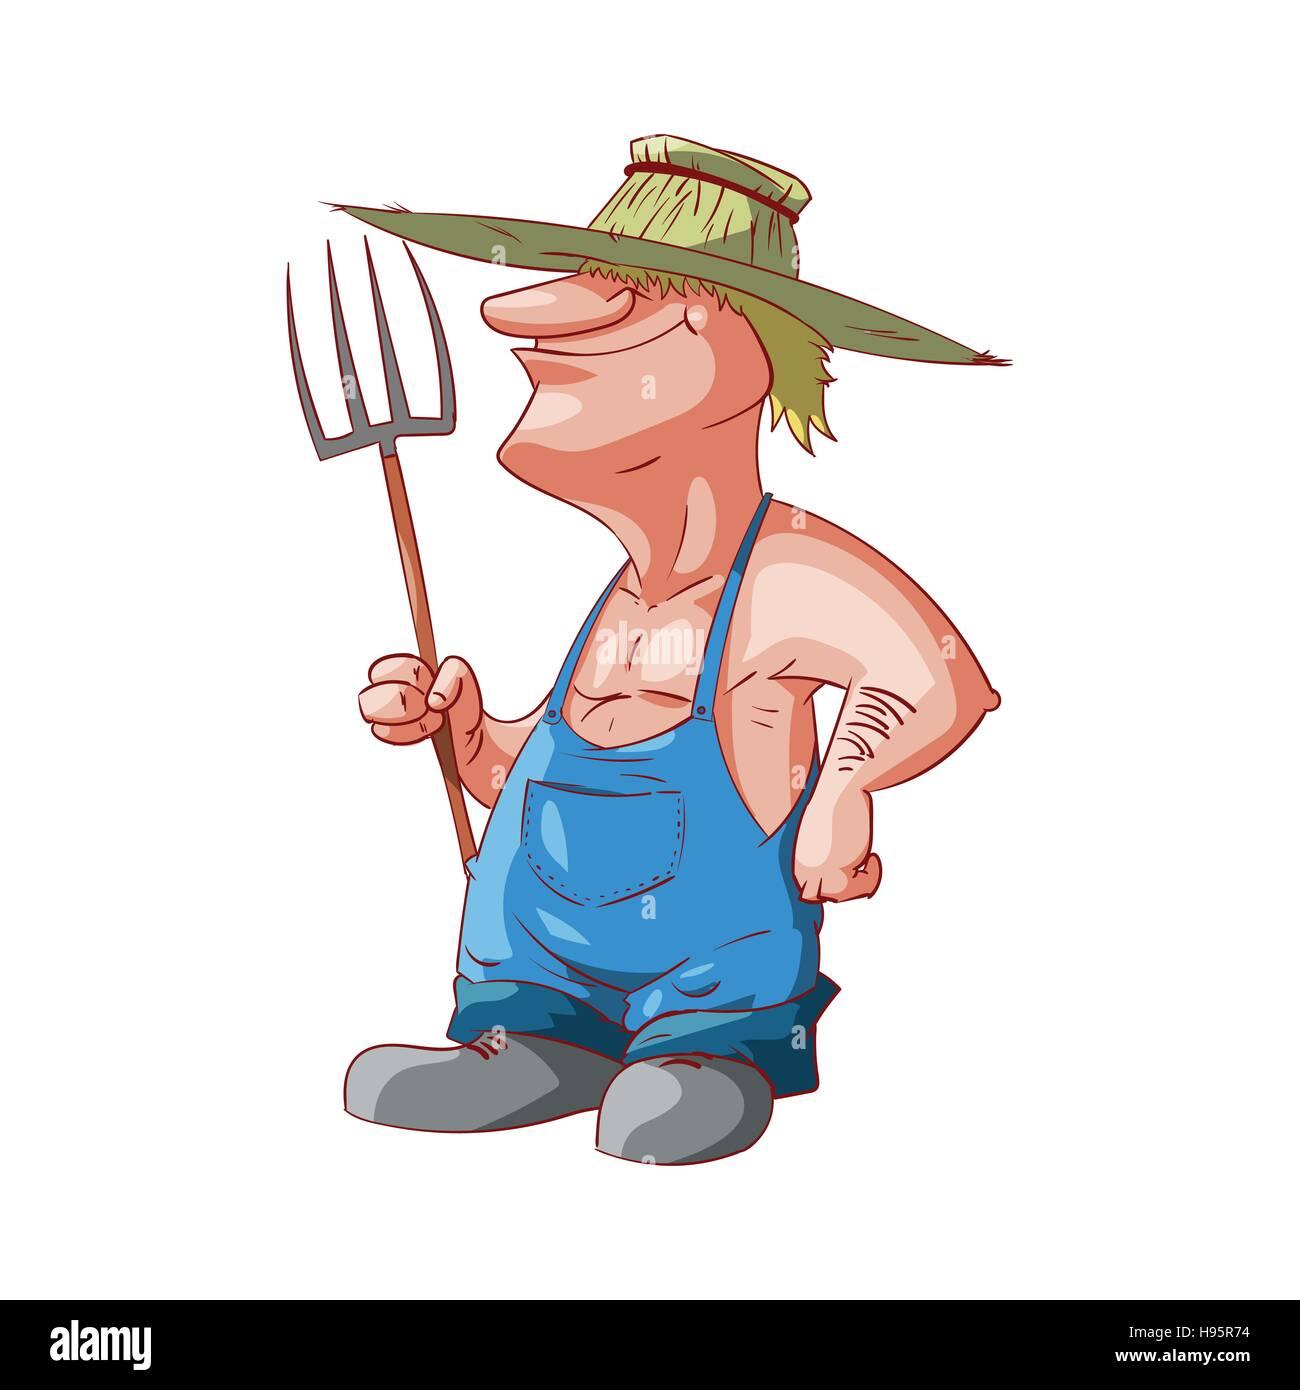 Colorata illustrazione vettoriale di un cartoon agricoltore o redneck  Immagini Stock 3bb80a3ea2be